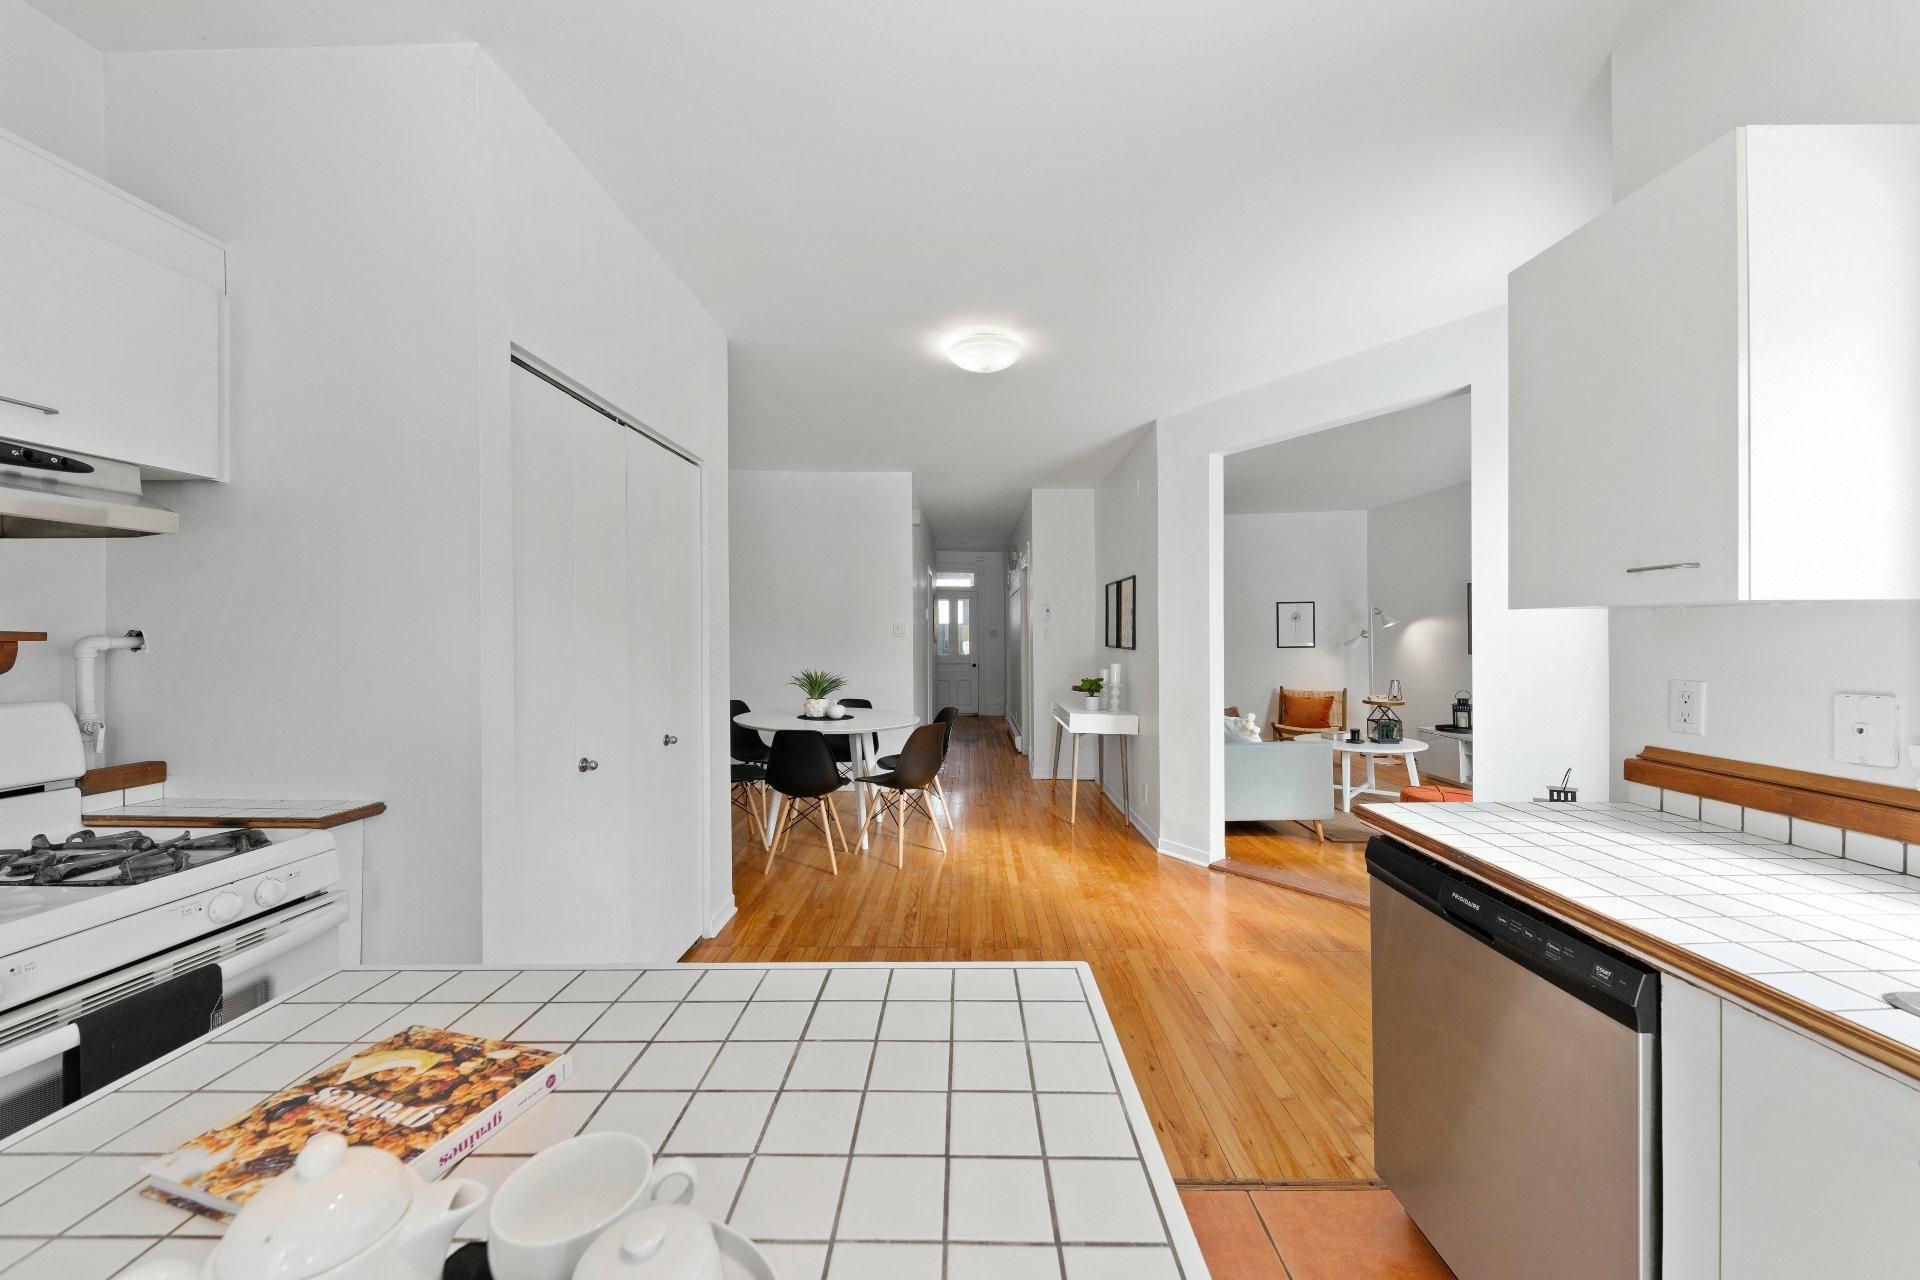 image 20 - Duplex For sale Le Plateau-Mont-Royal Montréal  - 5 rooms